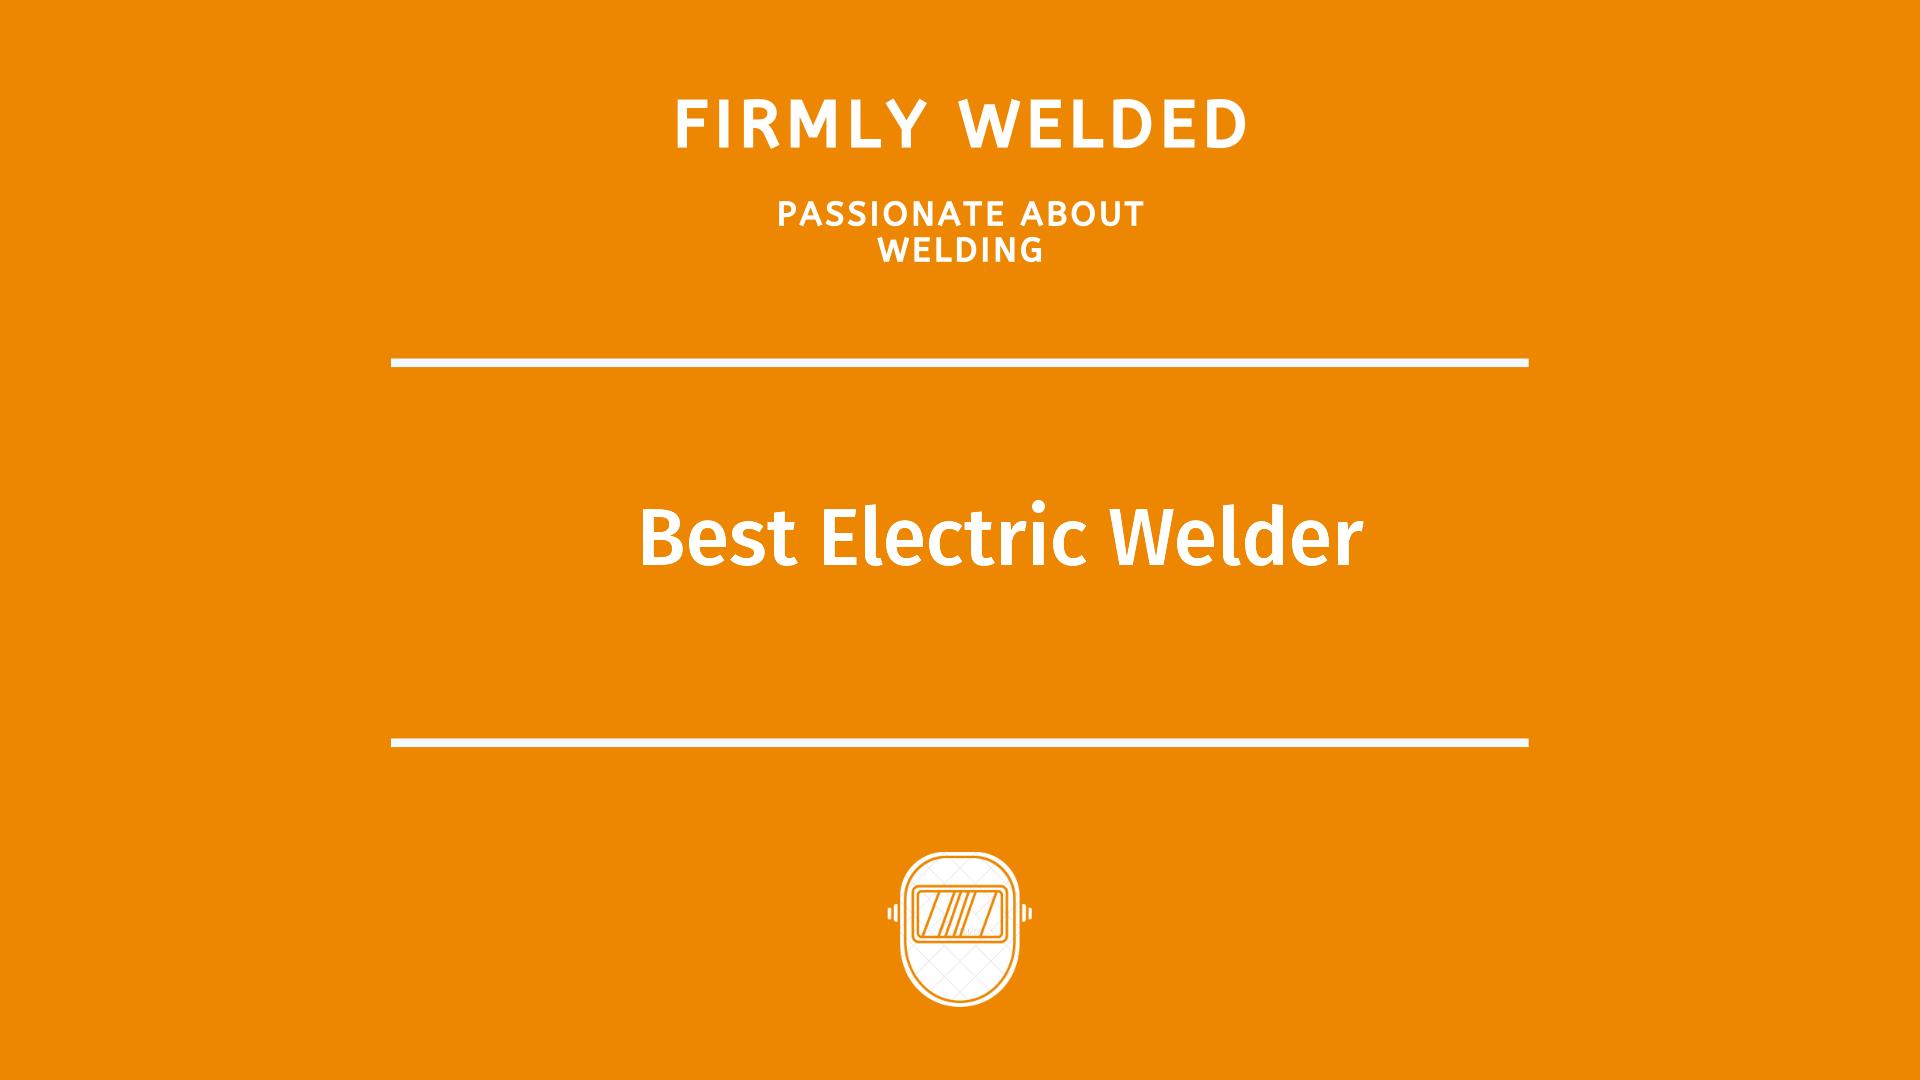 Best Electric Welder